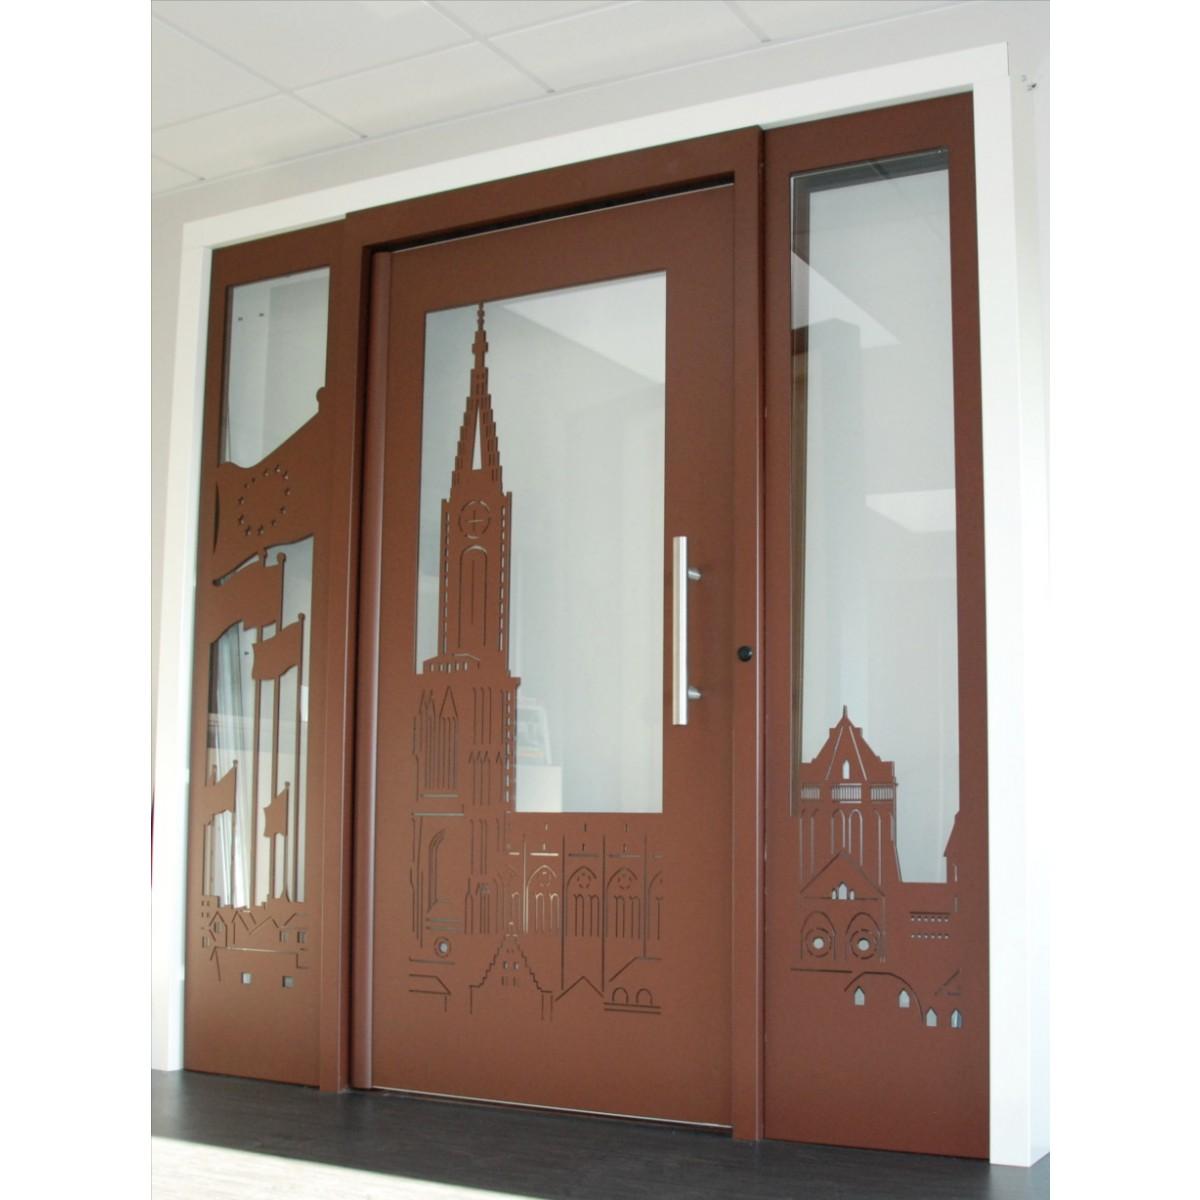 Porte d'entrée d'immeuble Gamme Décor Personnalisée Cibox